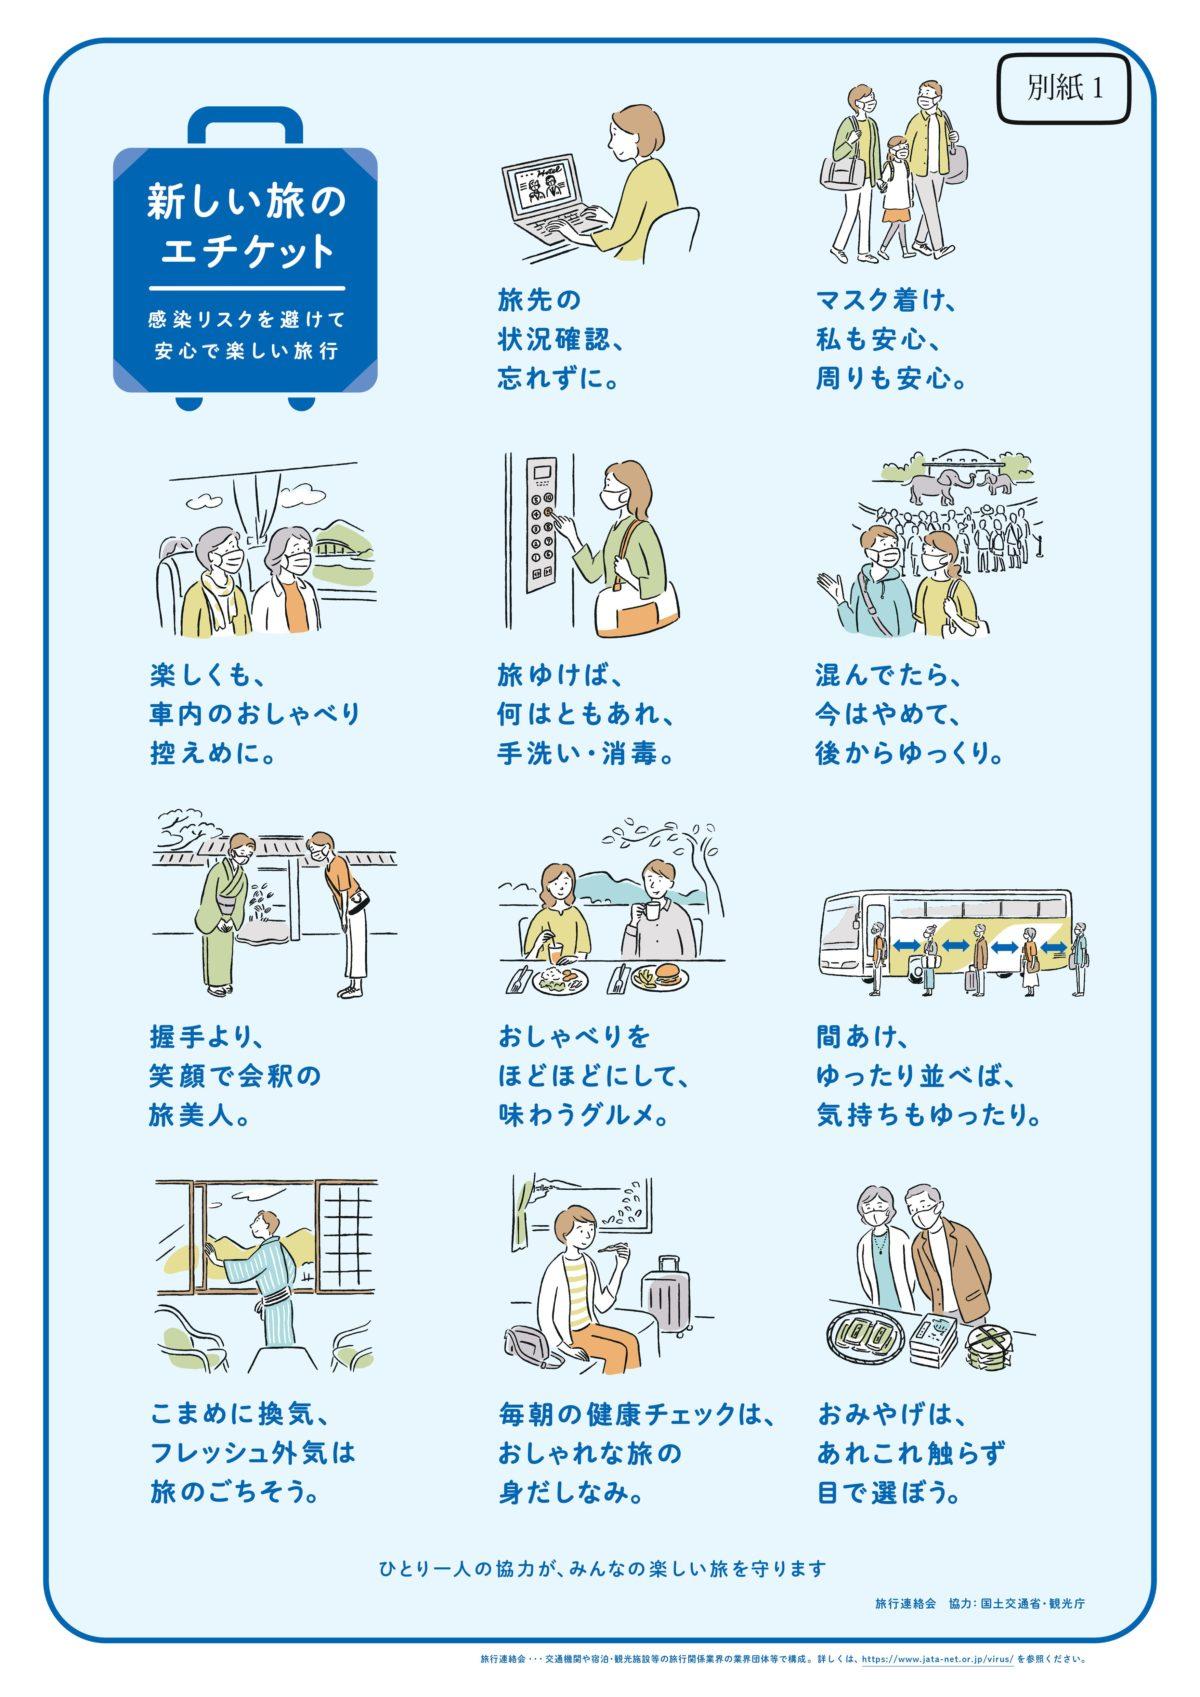 【※重要】『新しい旅のエチケット』感染リスクを避けて安心で楽しい旅行!